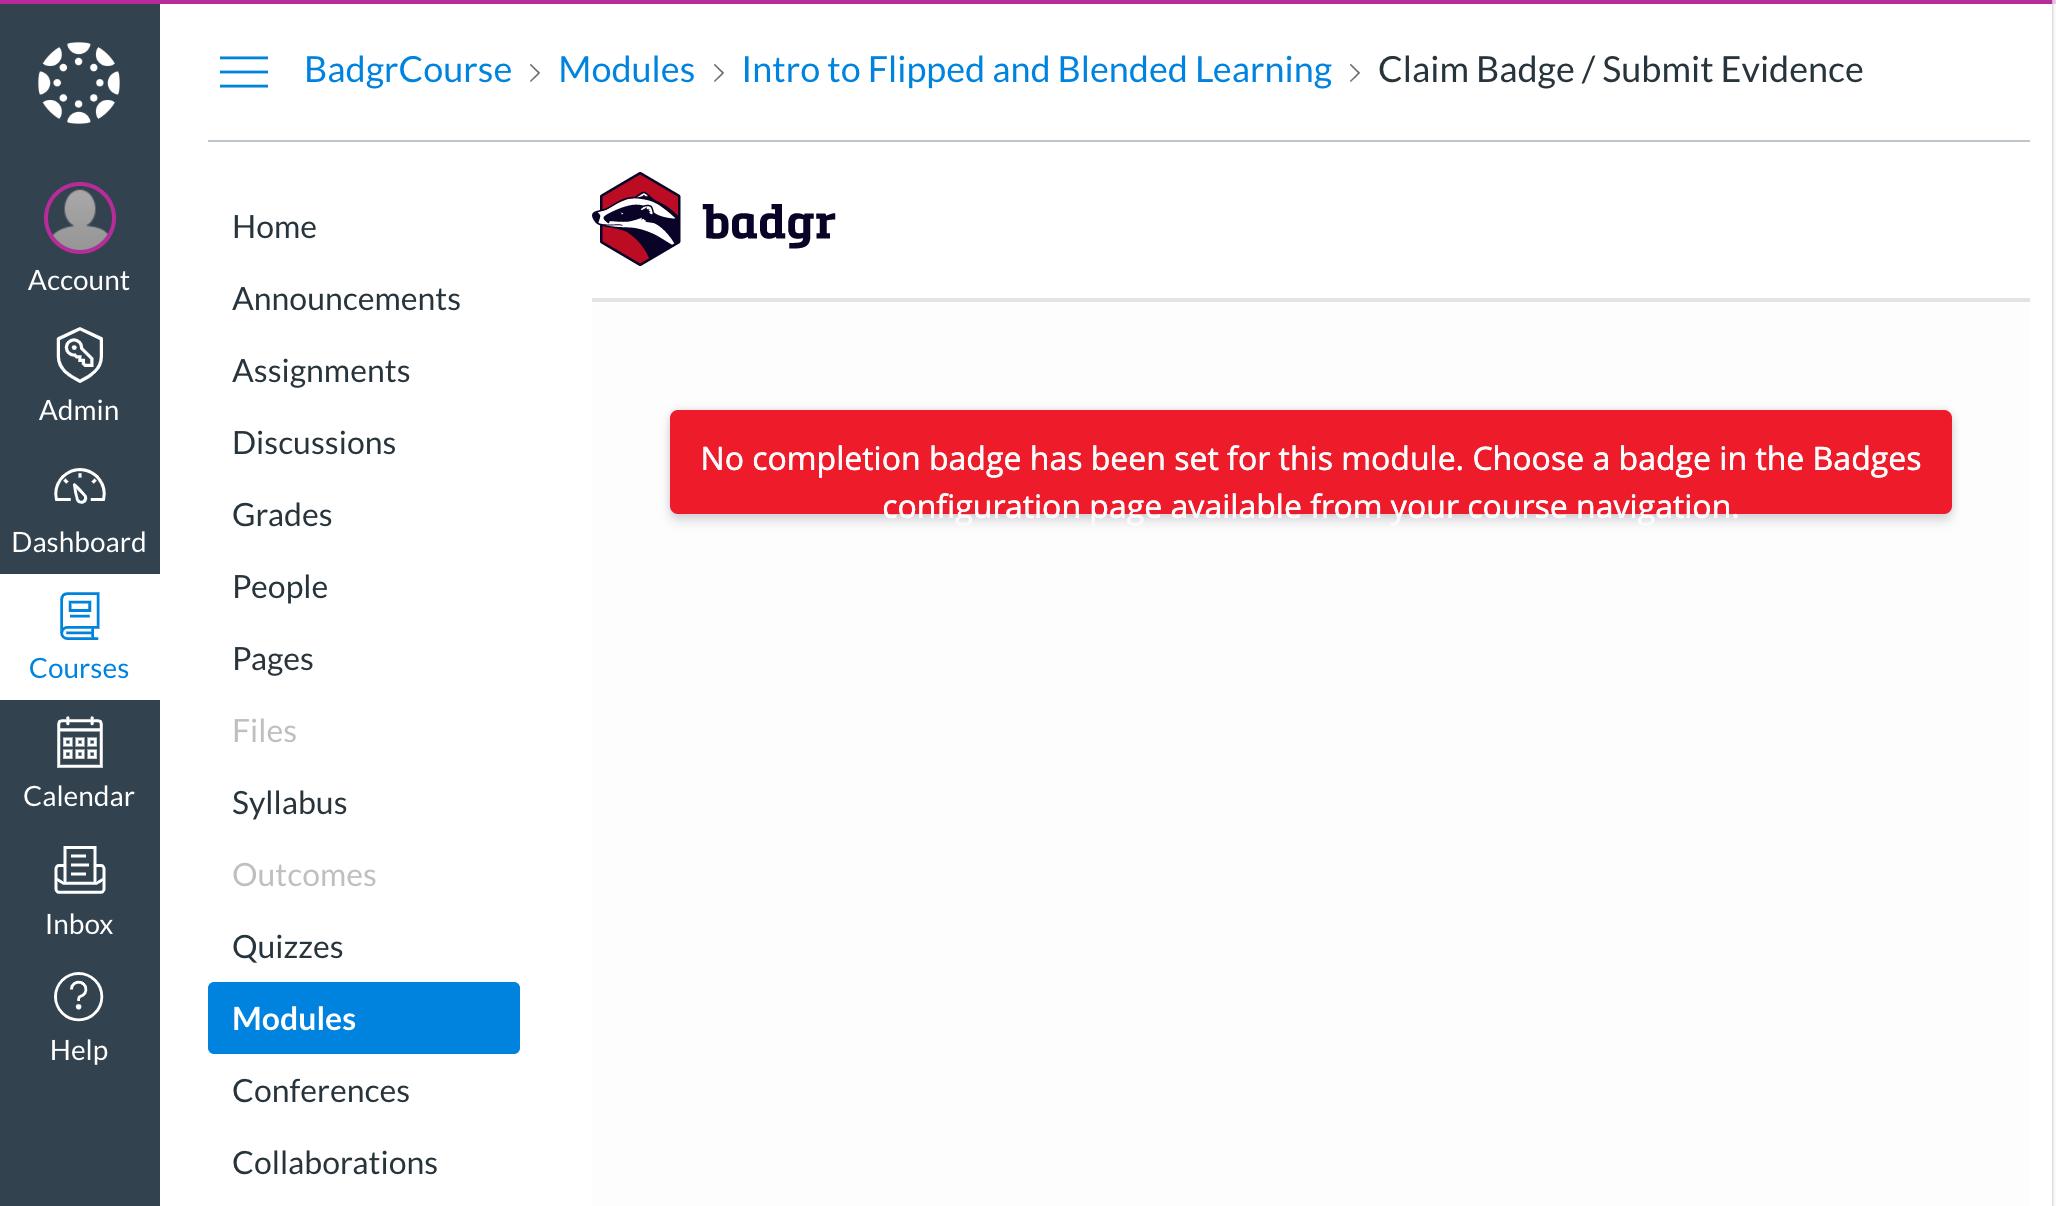 No completion badge set error message